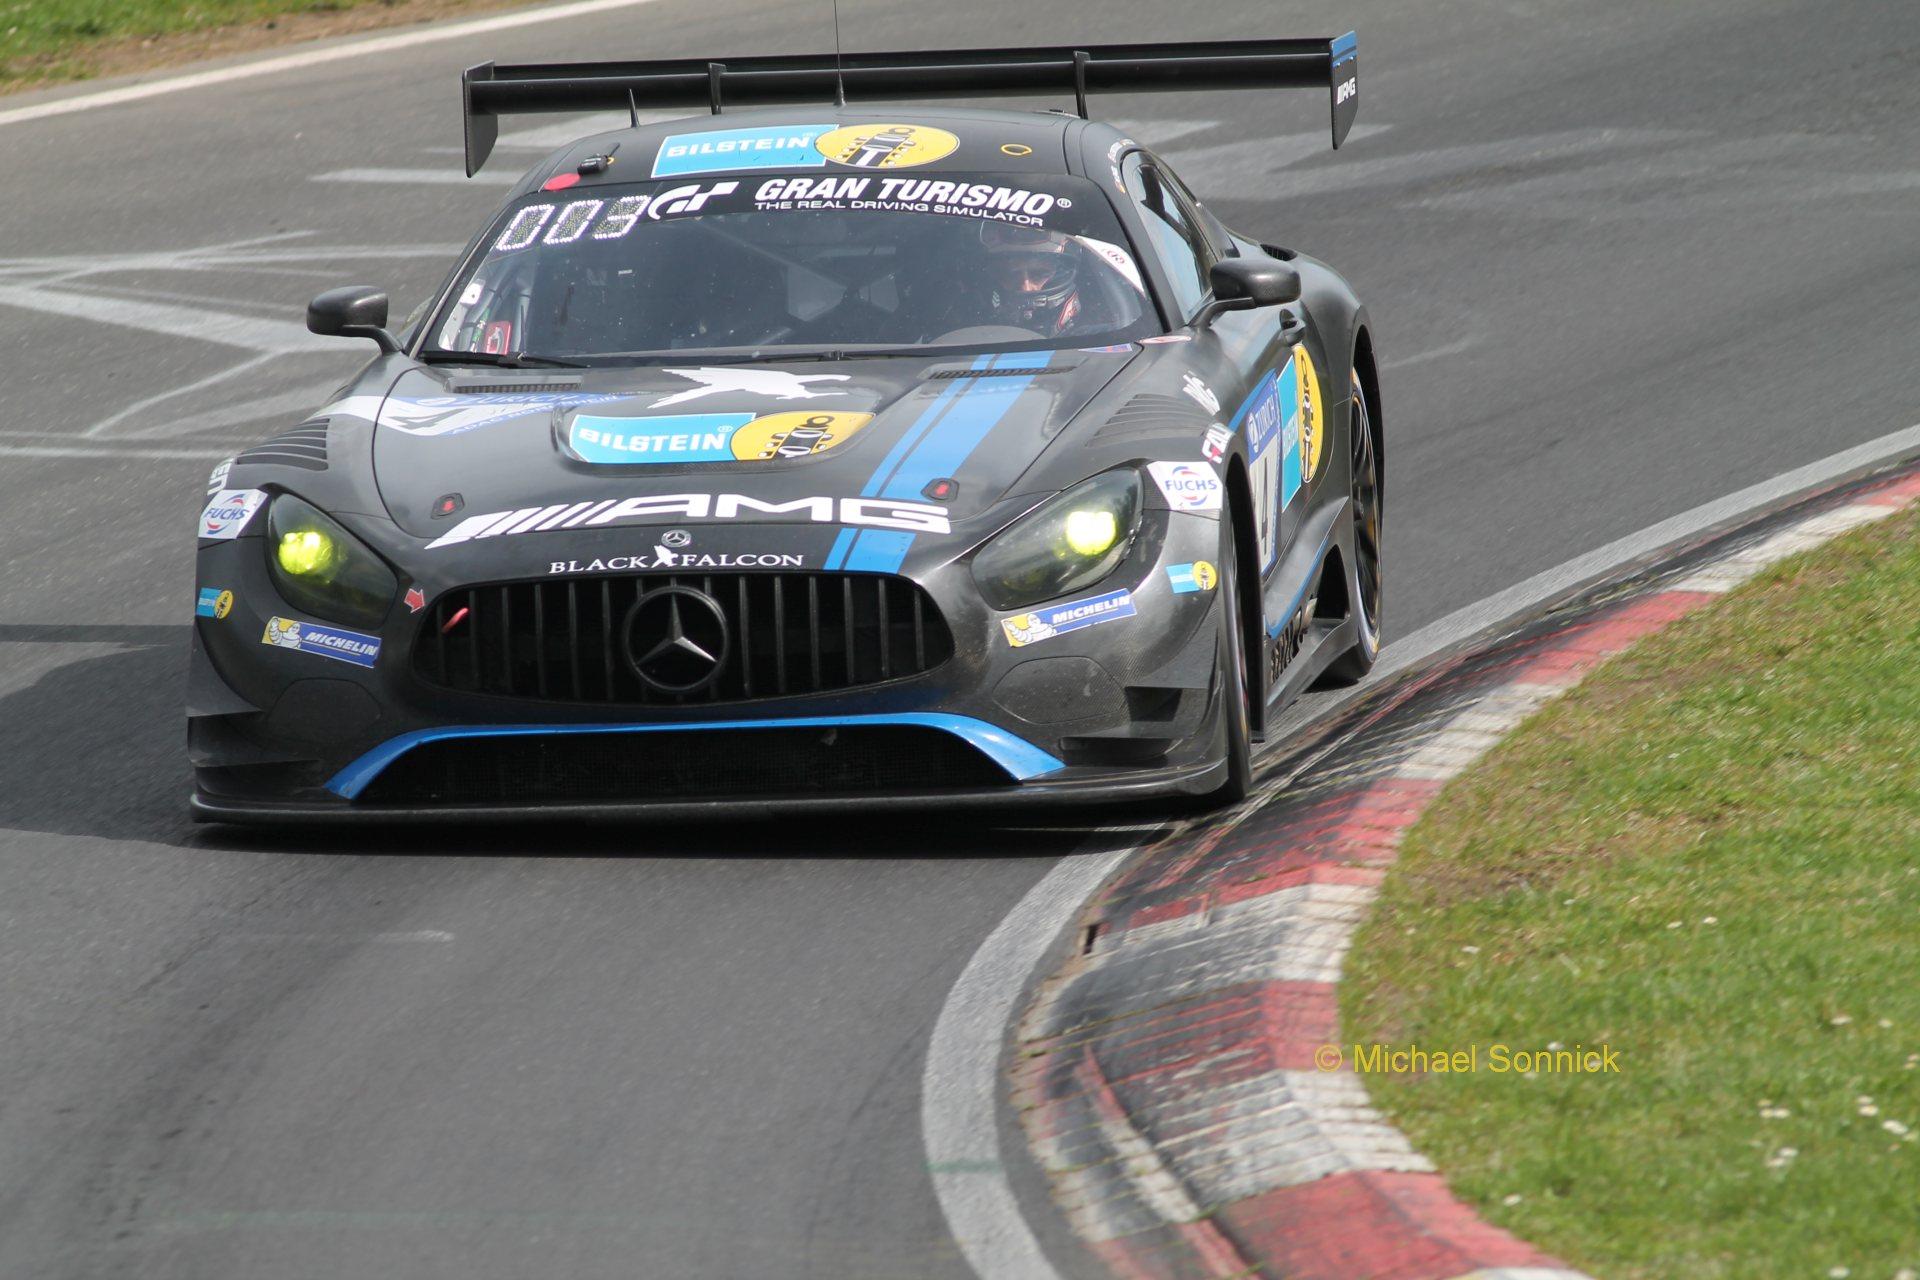 Mercedes-AMG kehrt in die DTM zurück